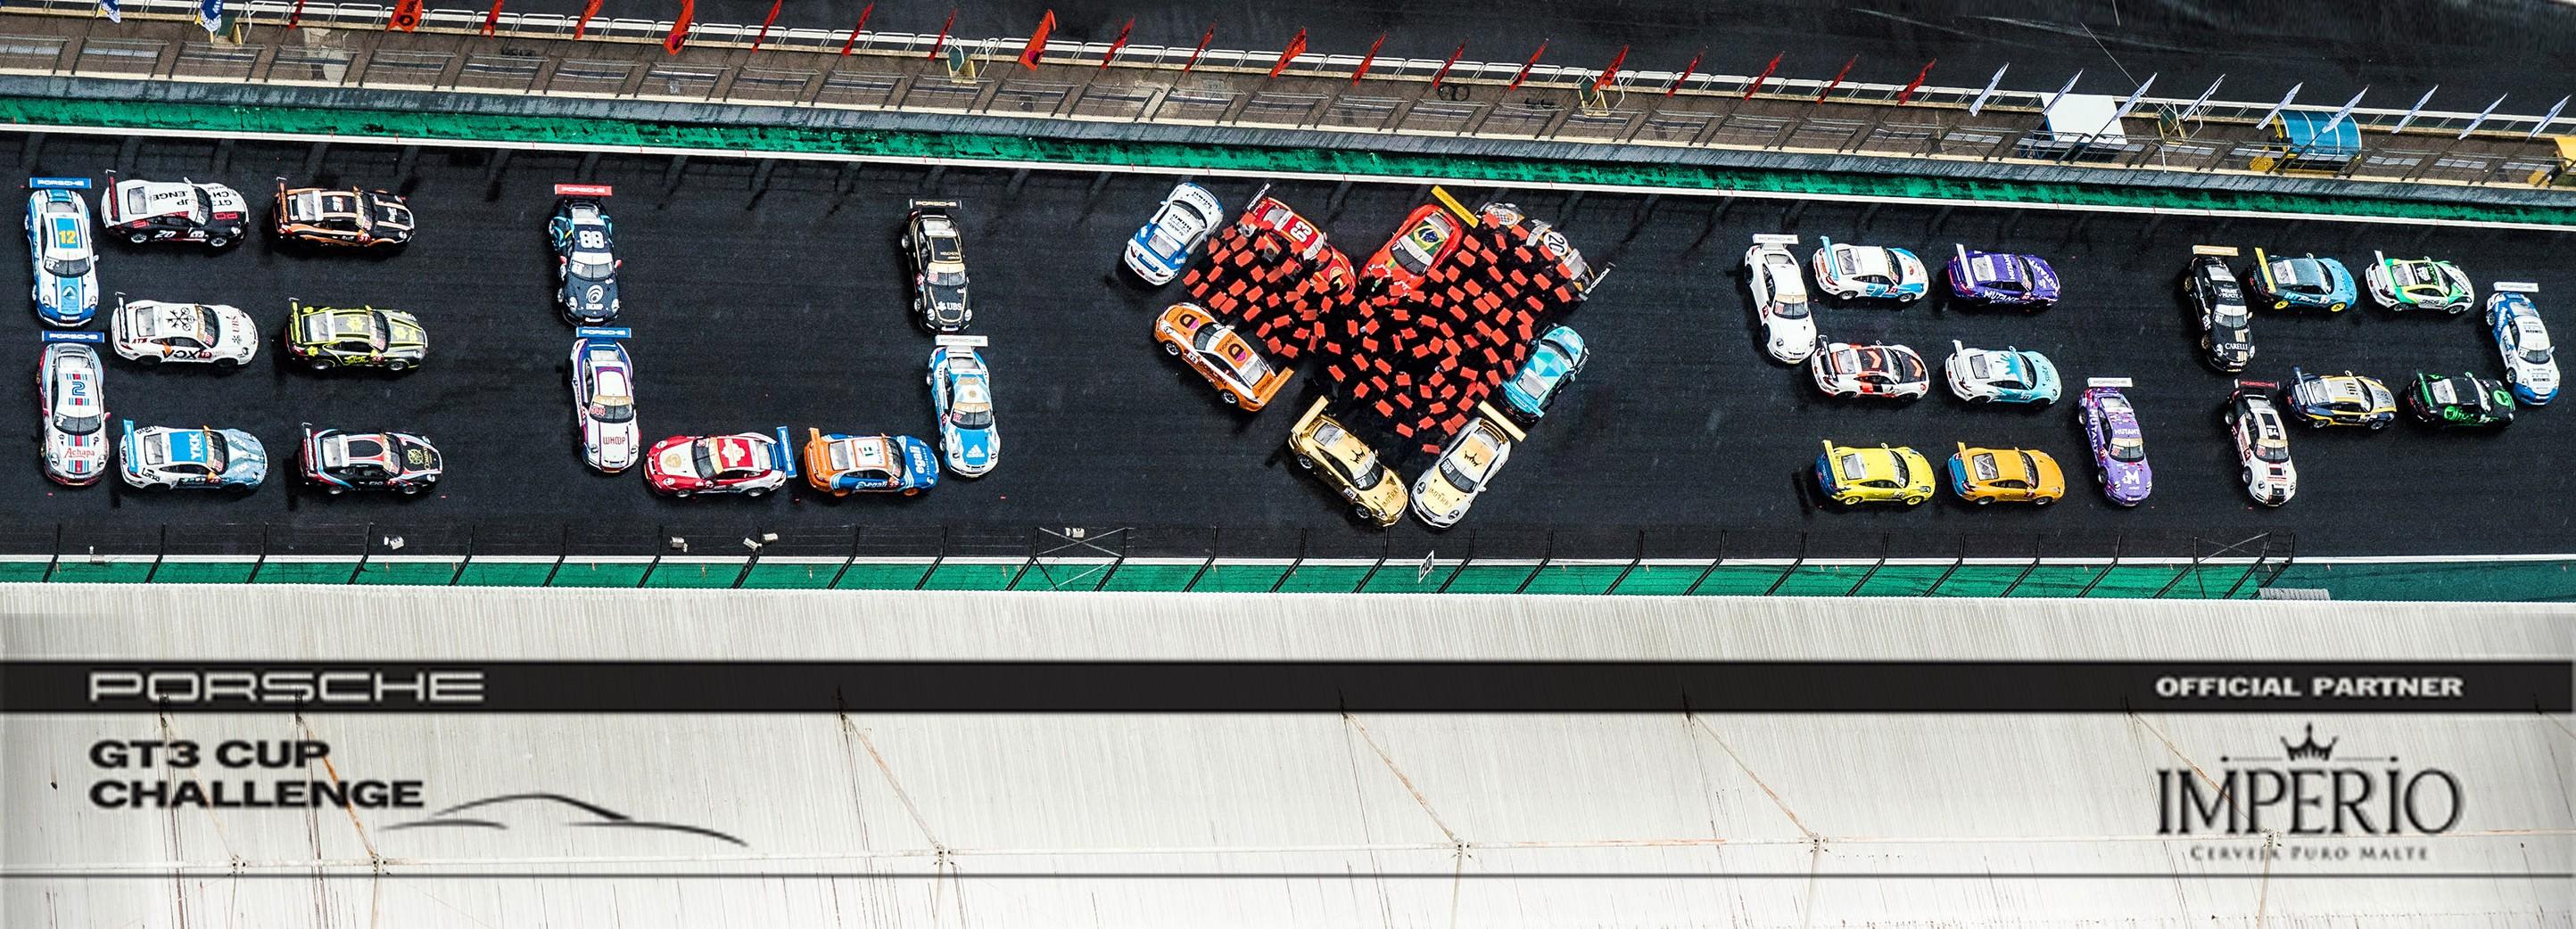 Banner de amor por SP da Porsche Império GT3 Cup em Interlagos (Foto: Divulgação/Victor Eleuterio )